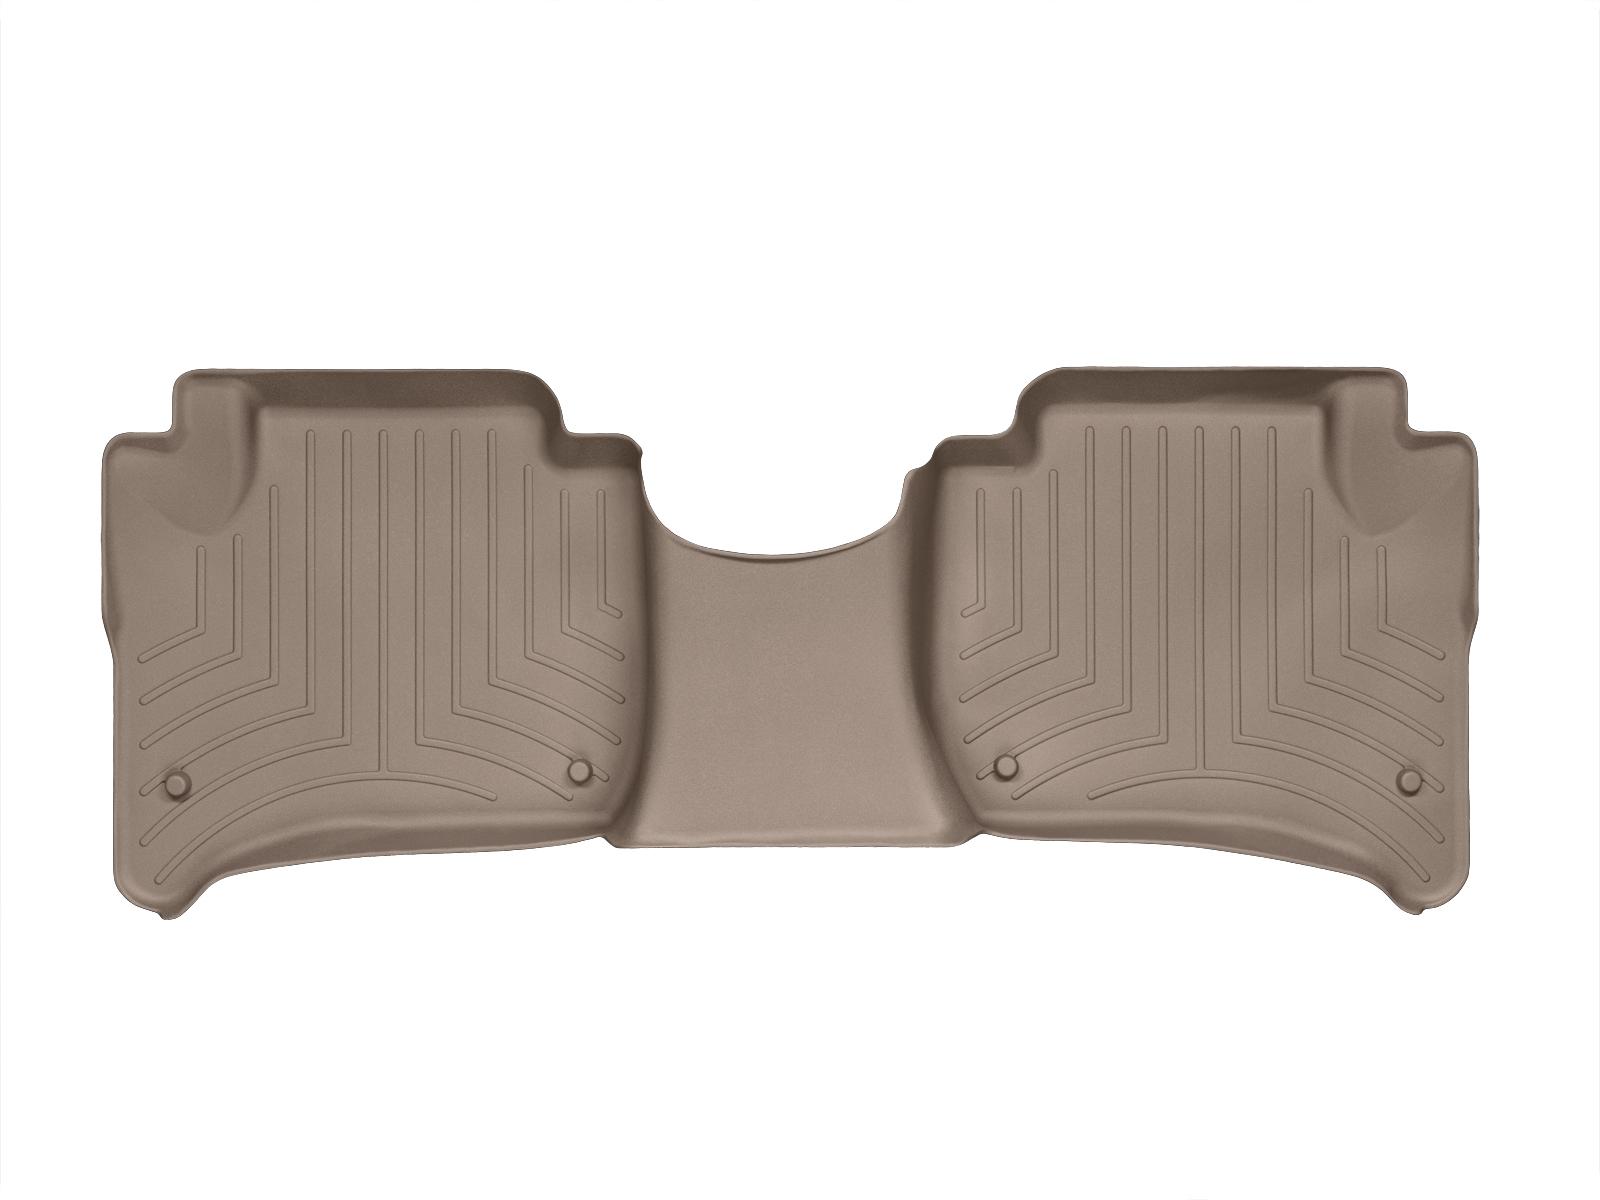 Tappeti gomma su misura bordo alto Volkswagen Touareg 10>10 Marrone A4319*